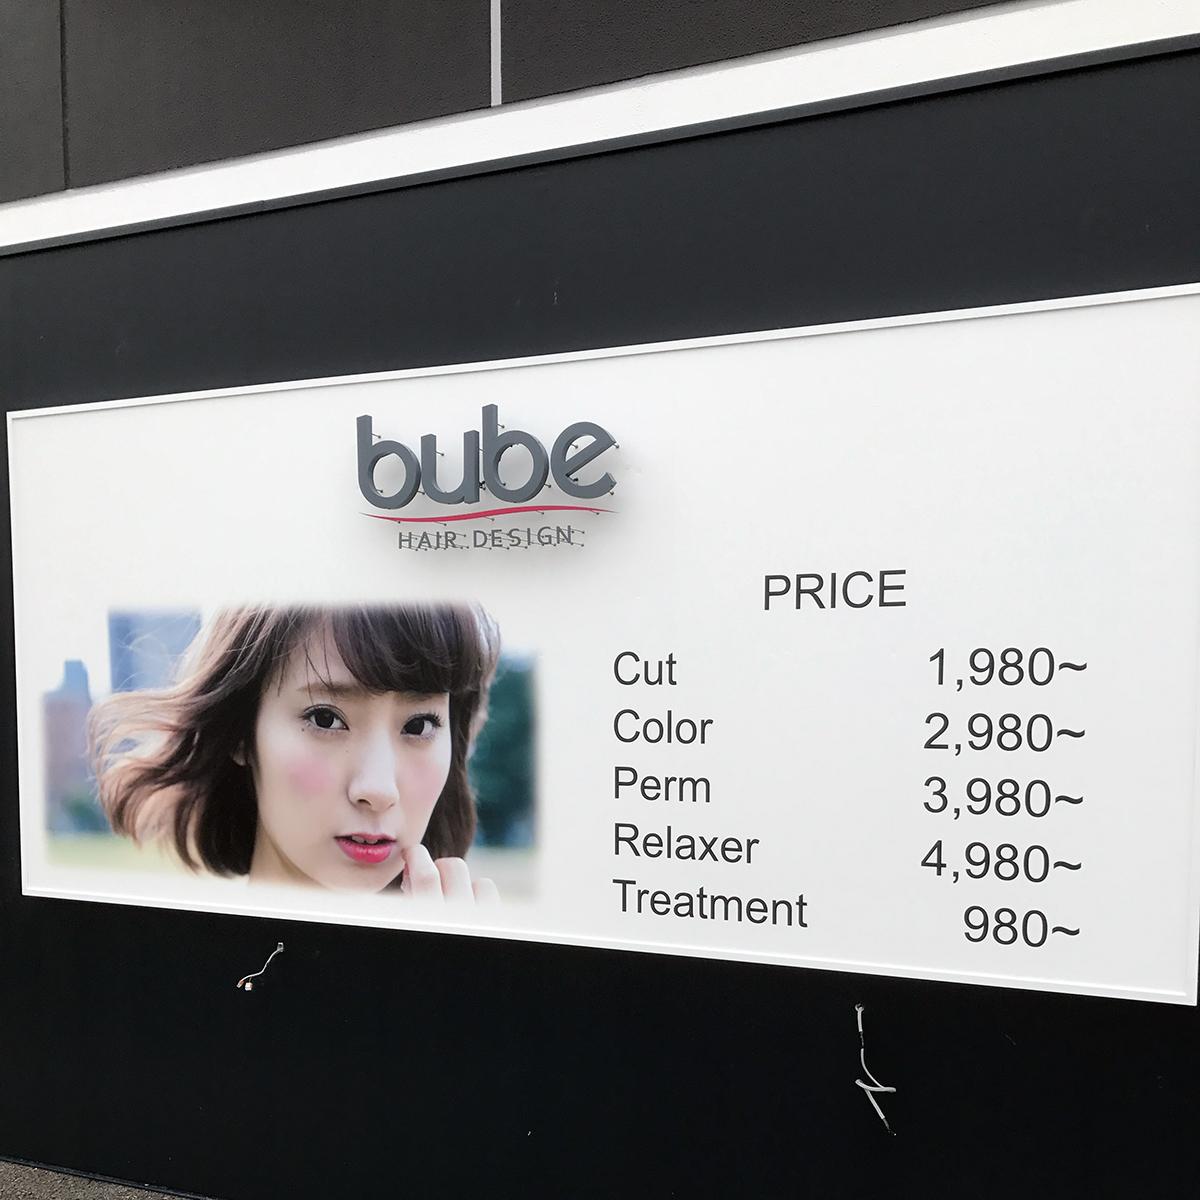 bube01